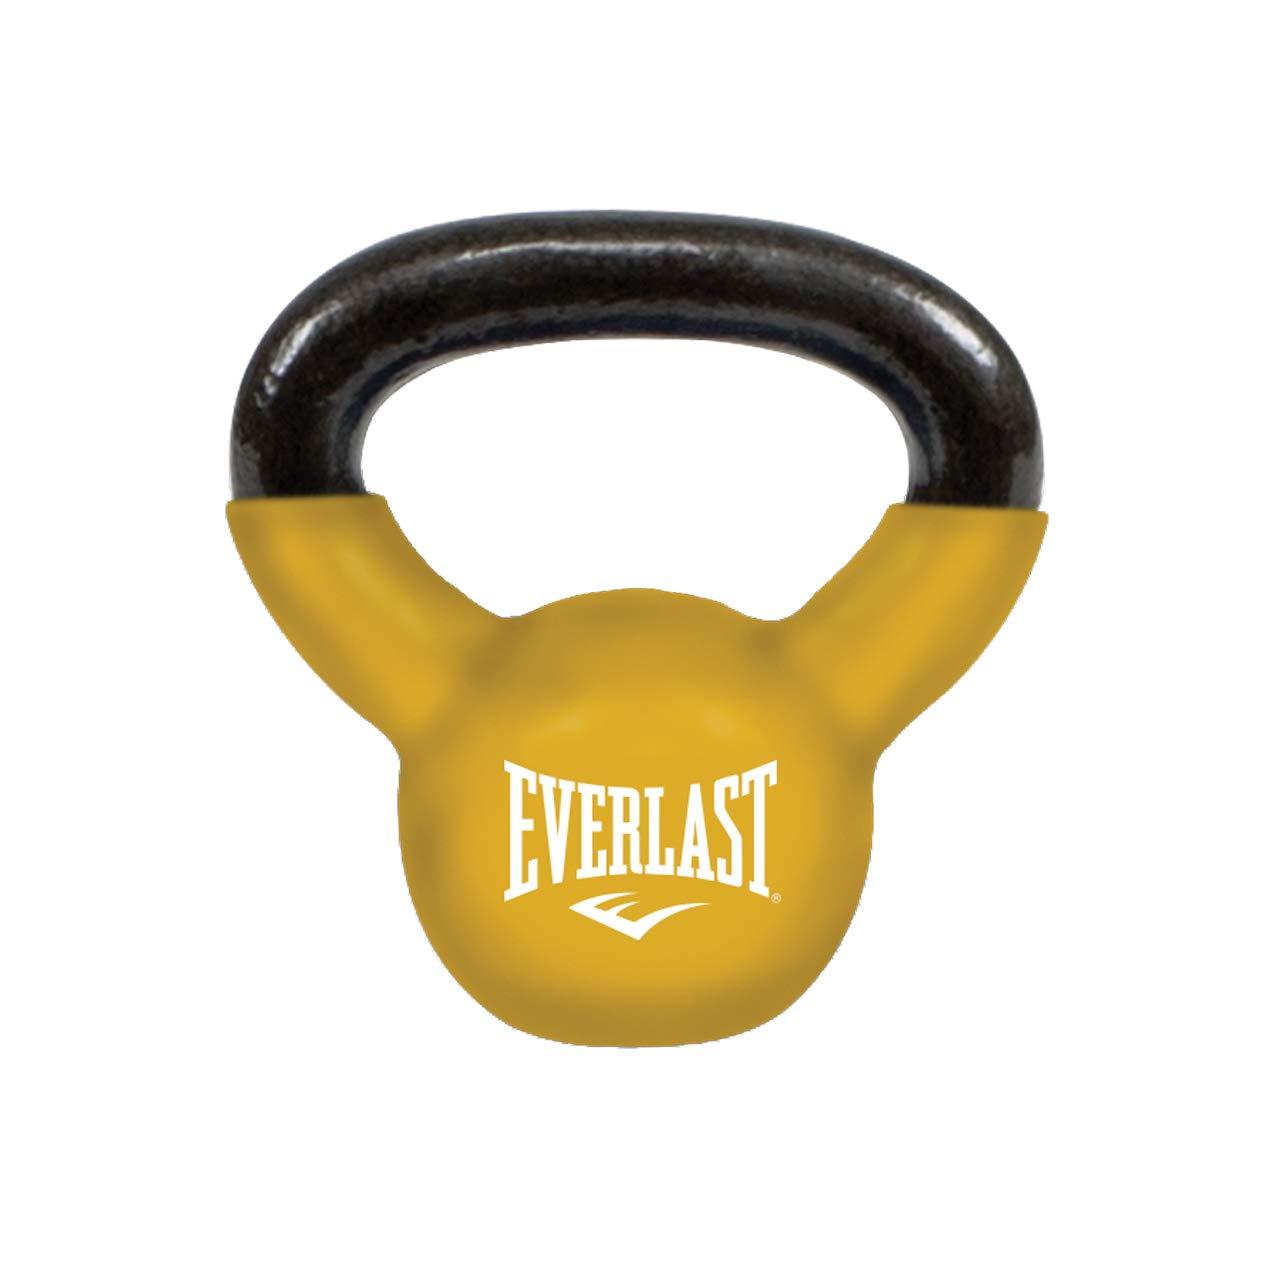 Everlast P00001793 25 lb Vinyl Dipped Kettlebell